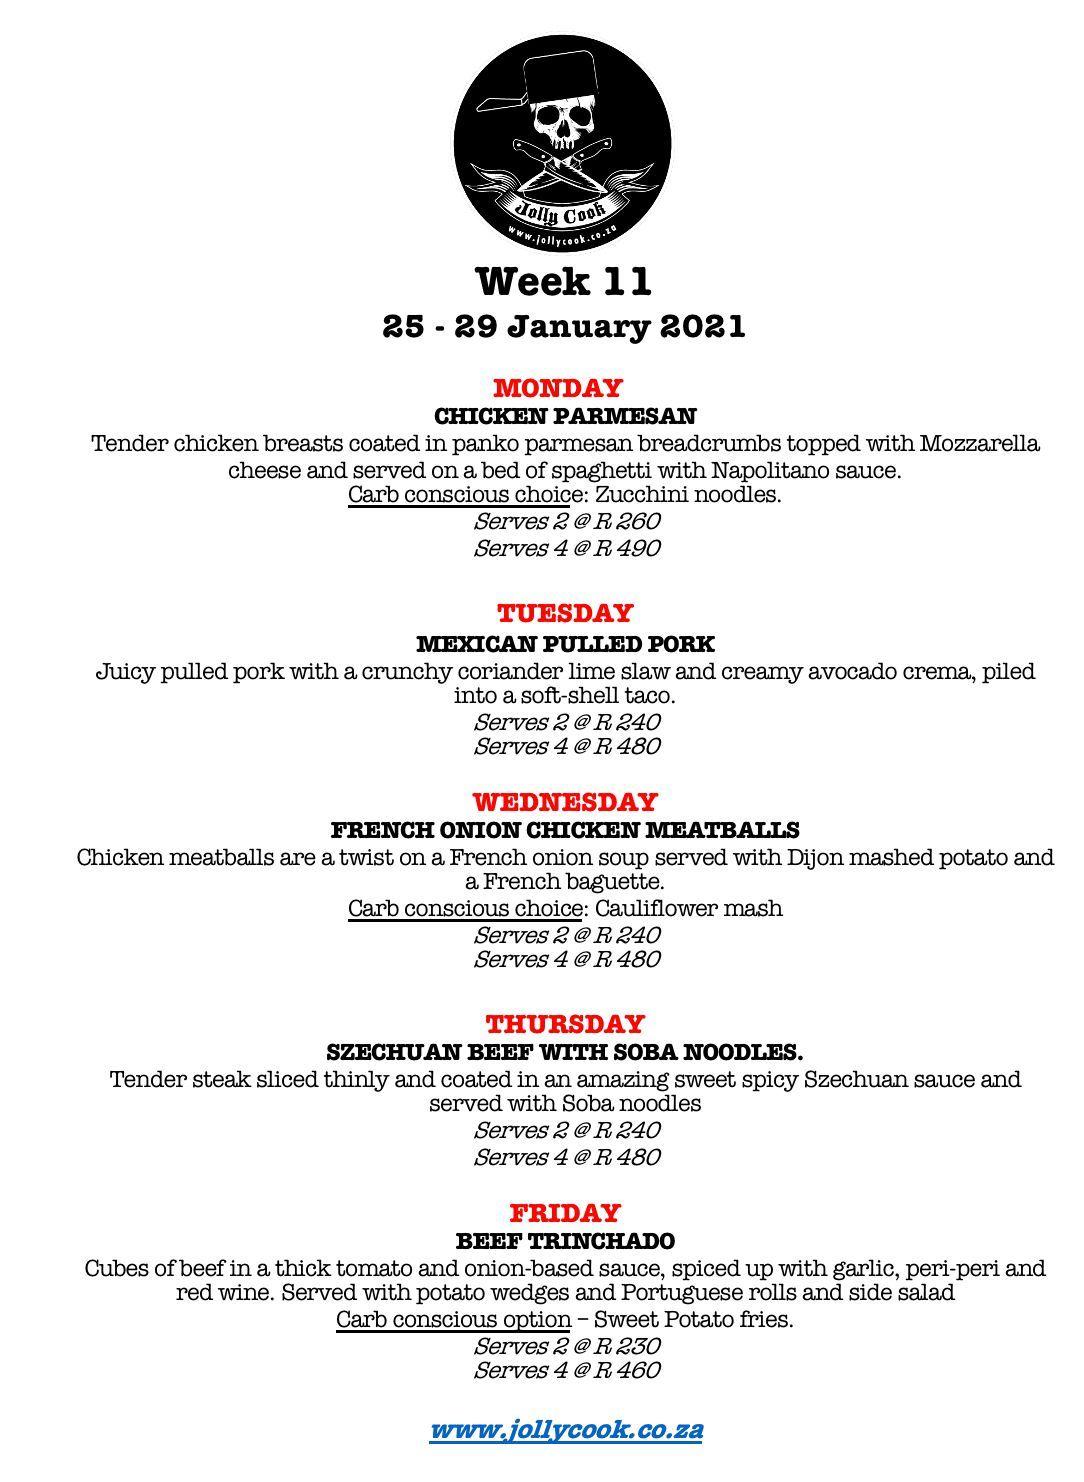 The Jolly Cook Week 11 Menu